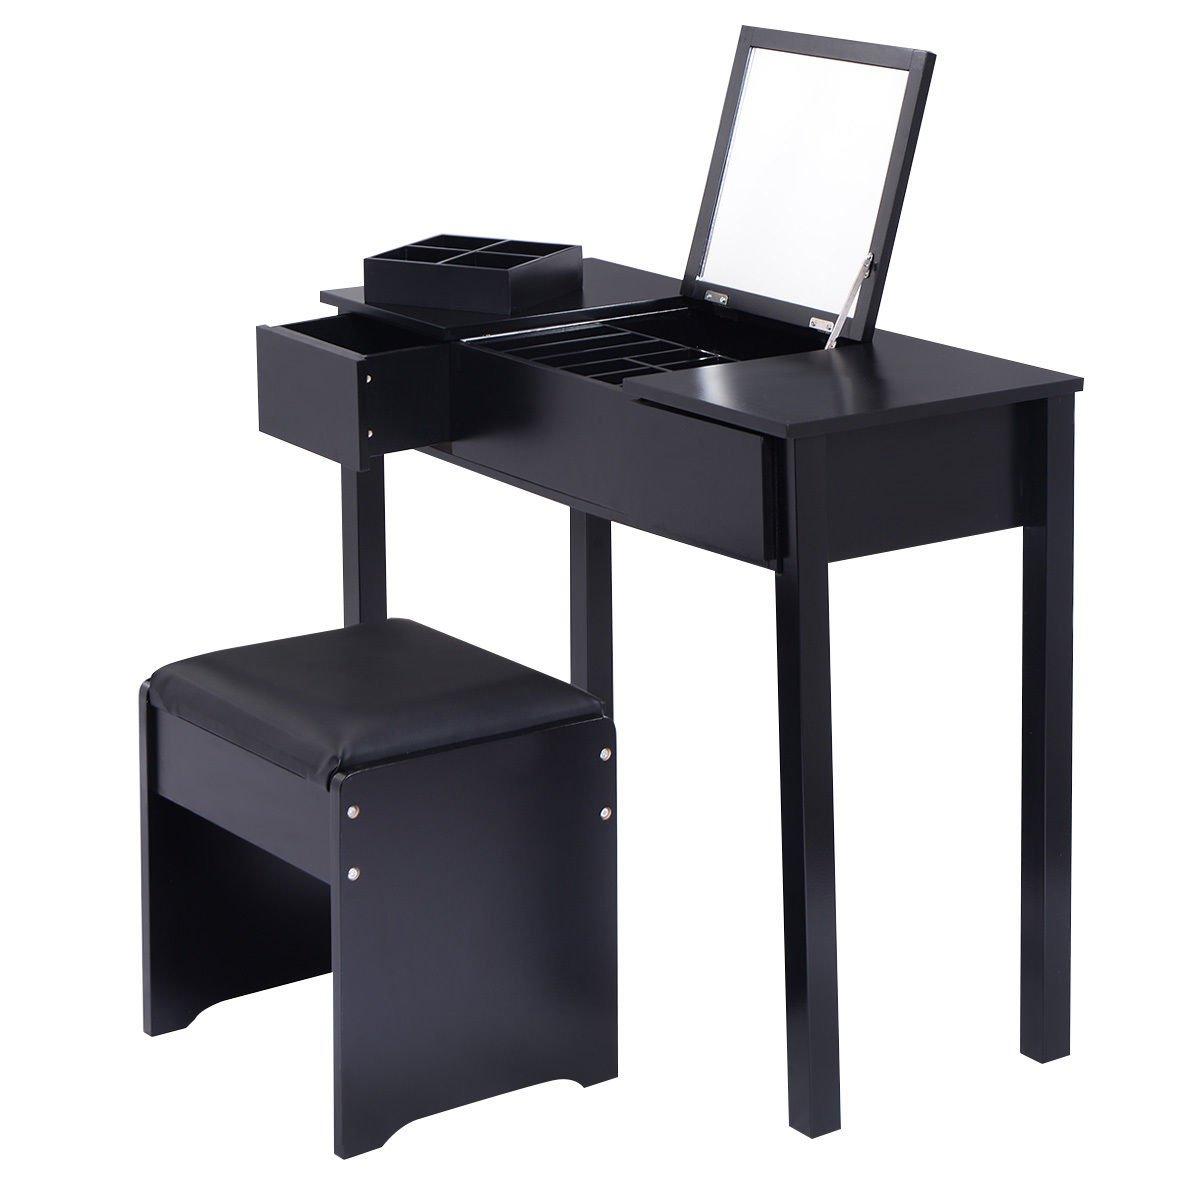 Black Vanity Dressing Mirrored Table Set Bedroom W/Stool &Storage Box Furniture by Allblessings